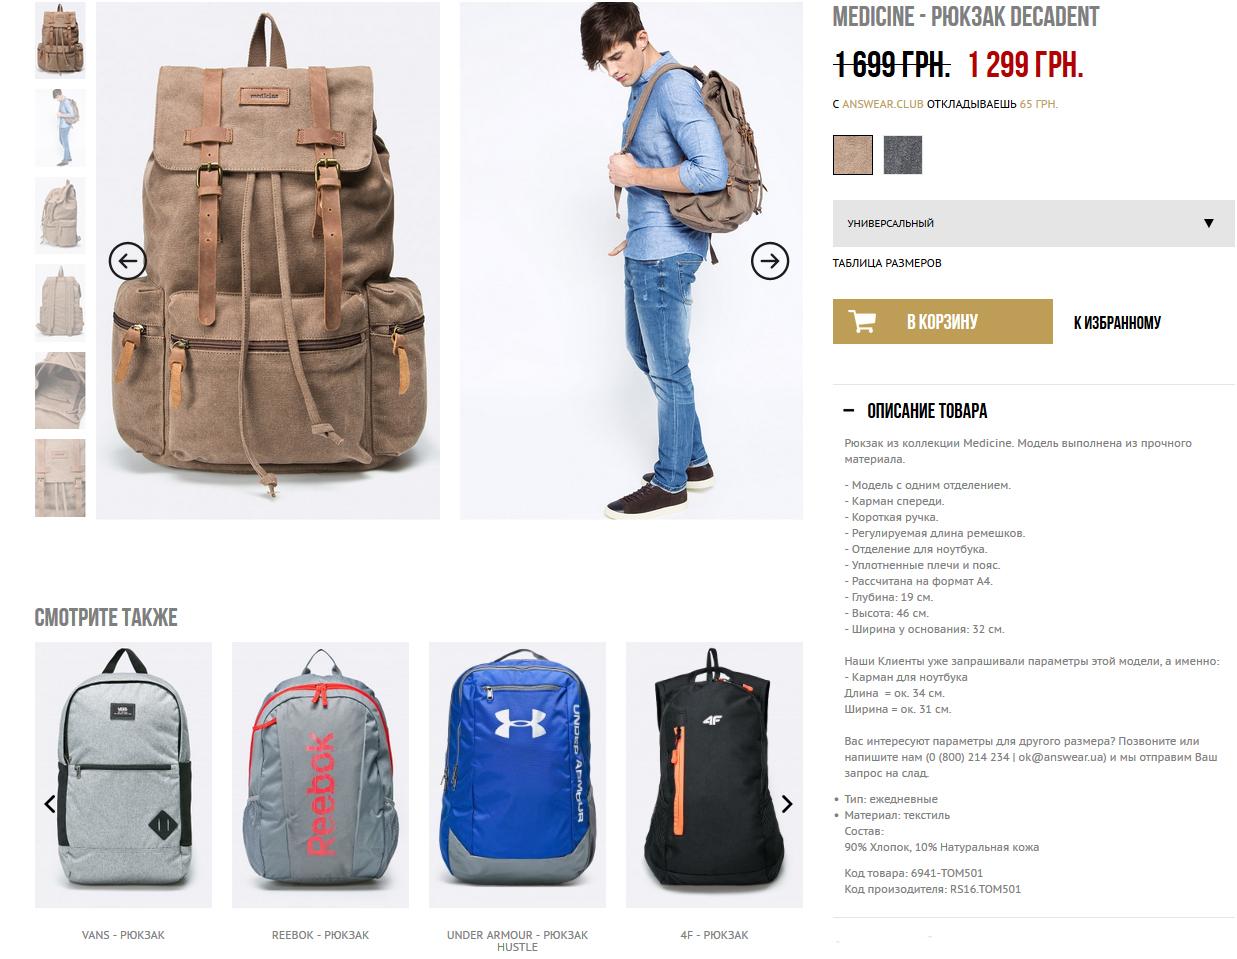 Стильный городской рюкзак Decadent